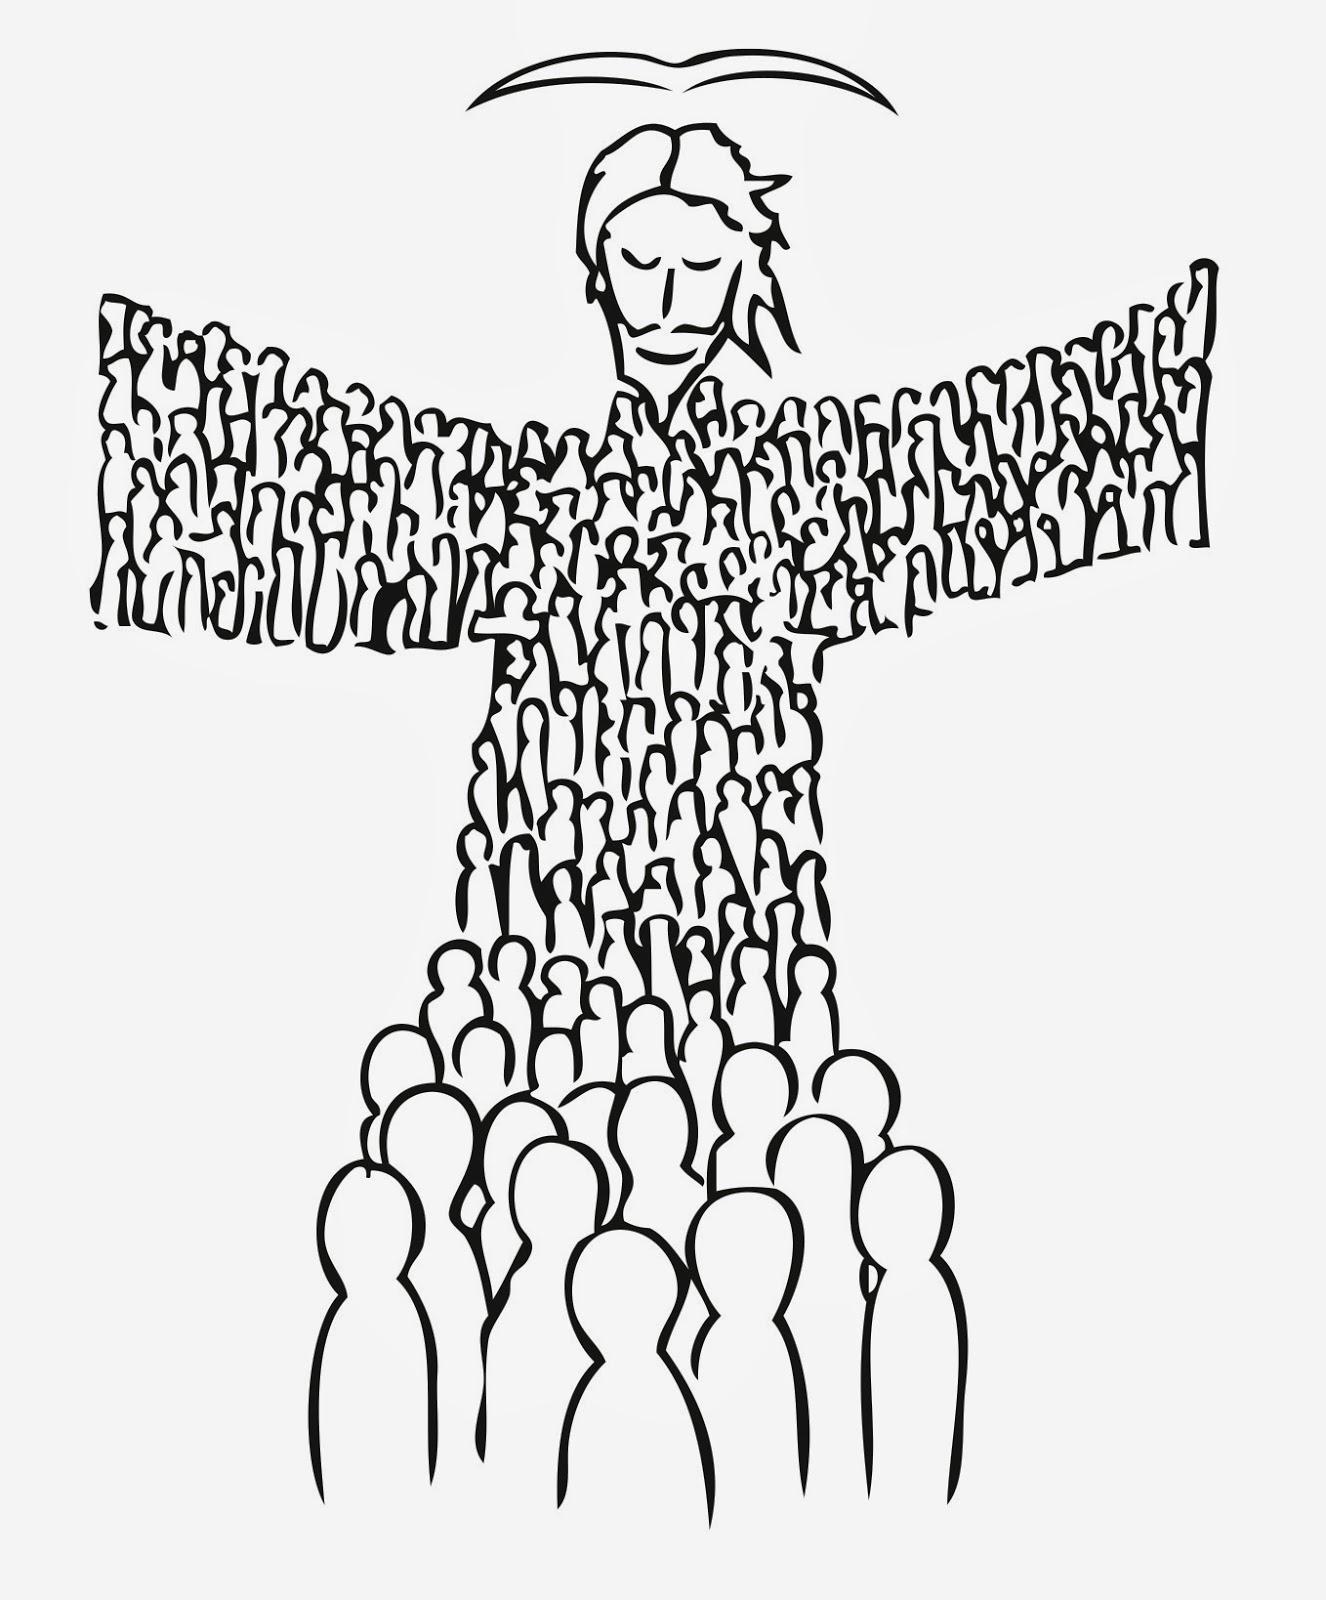 Iglesia cuerpo de Cristo